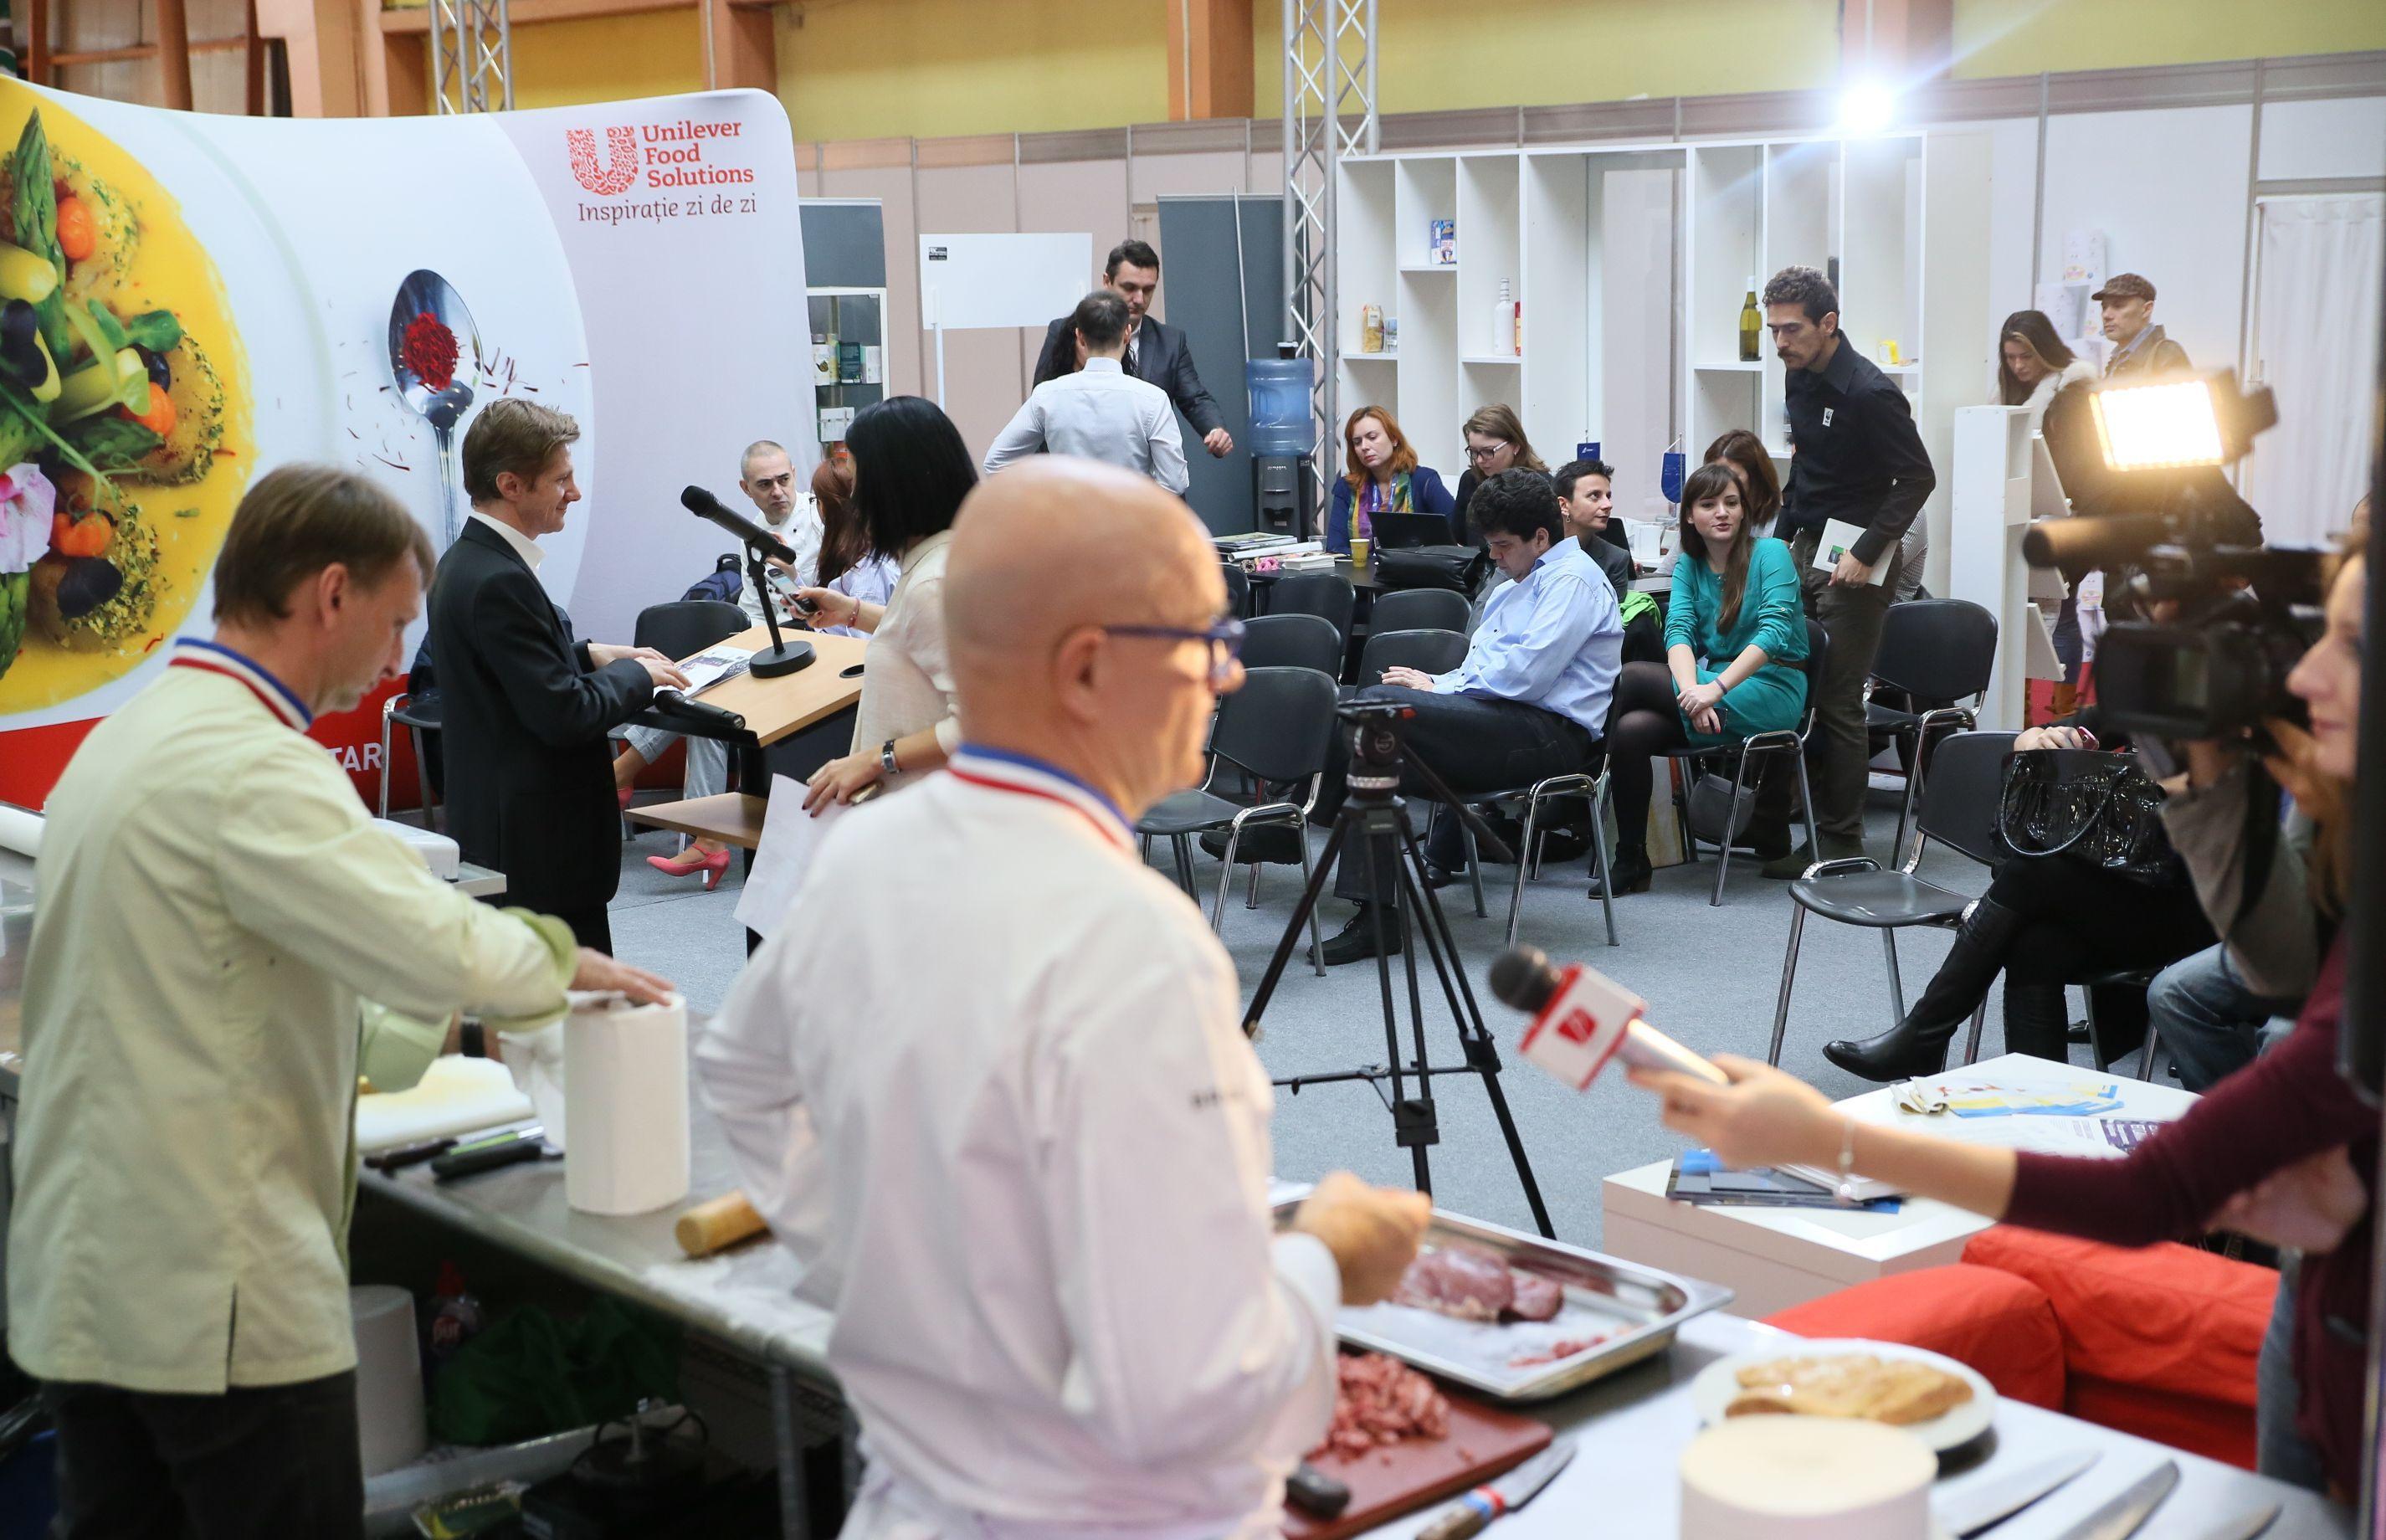 Black_Sea_Food_Summit_Sarbatoarea_Gustului_la_Romhotel_2015_27